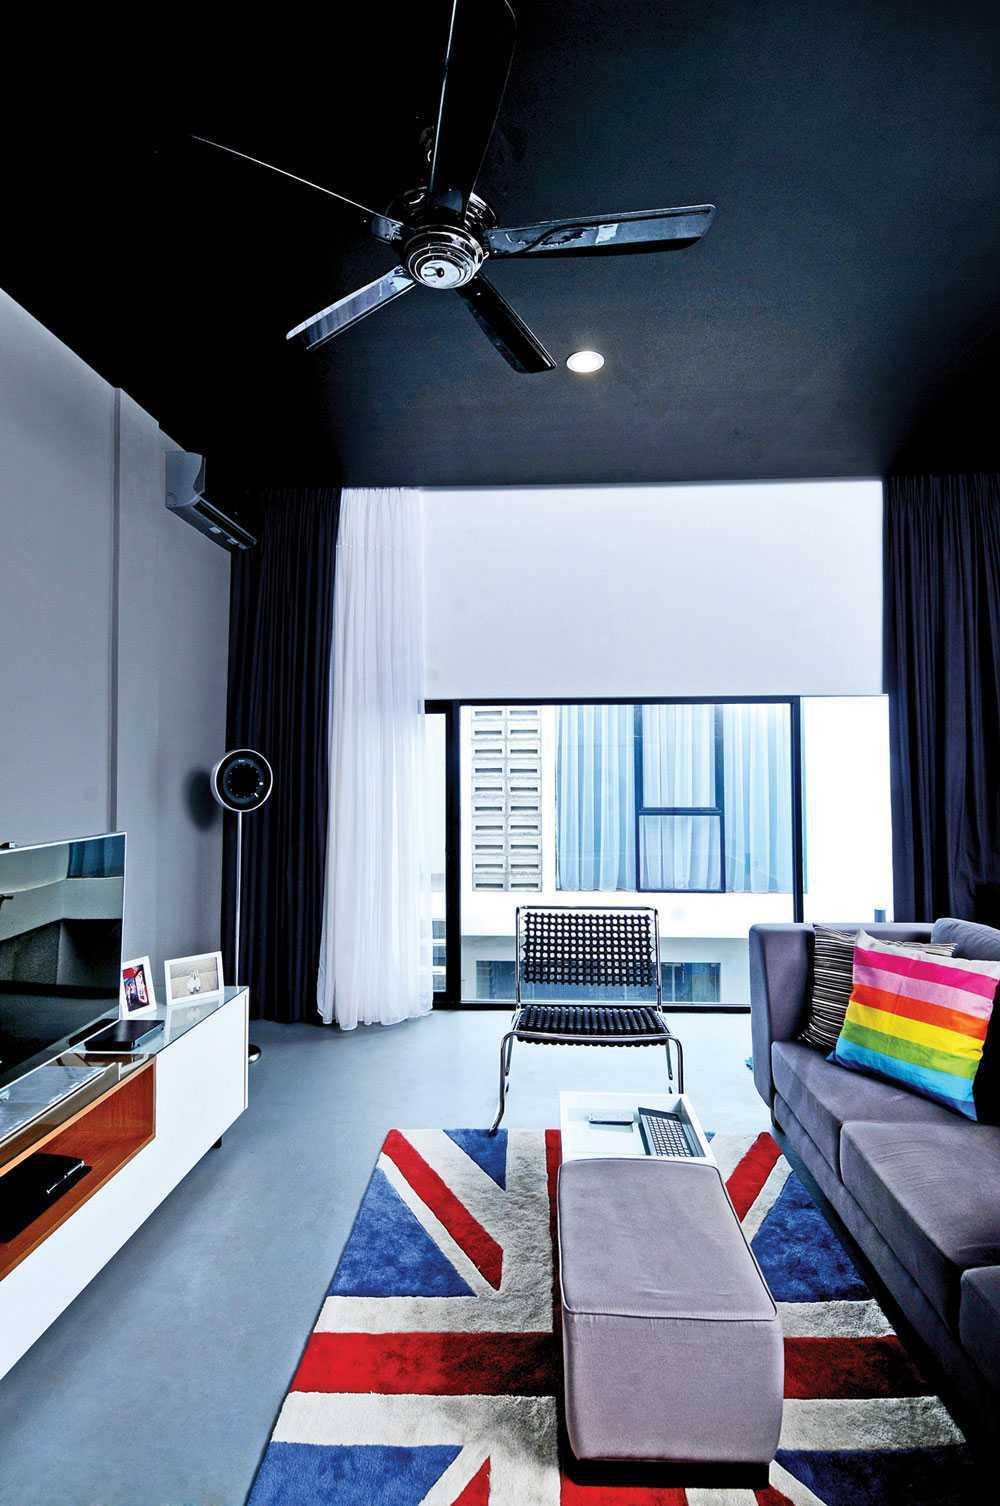 Vindo Design Urban Pop House Jakarta, Indonesia Jakarta, Indonesia Livingroom Minimalis  9257